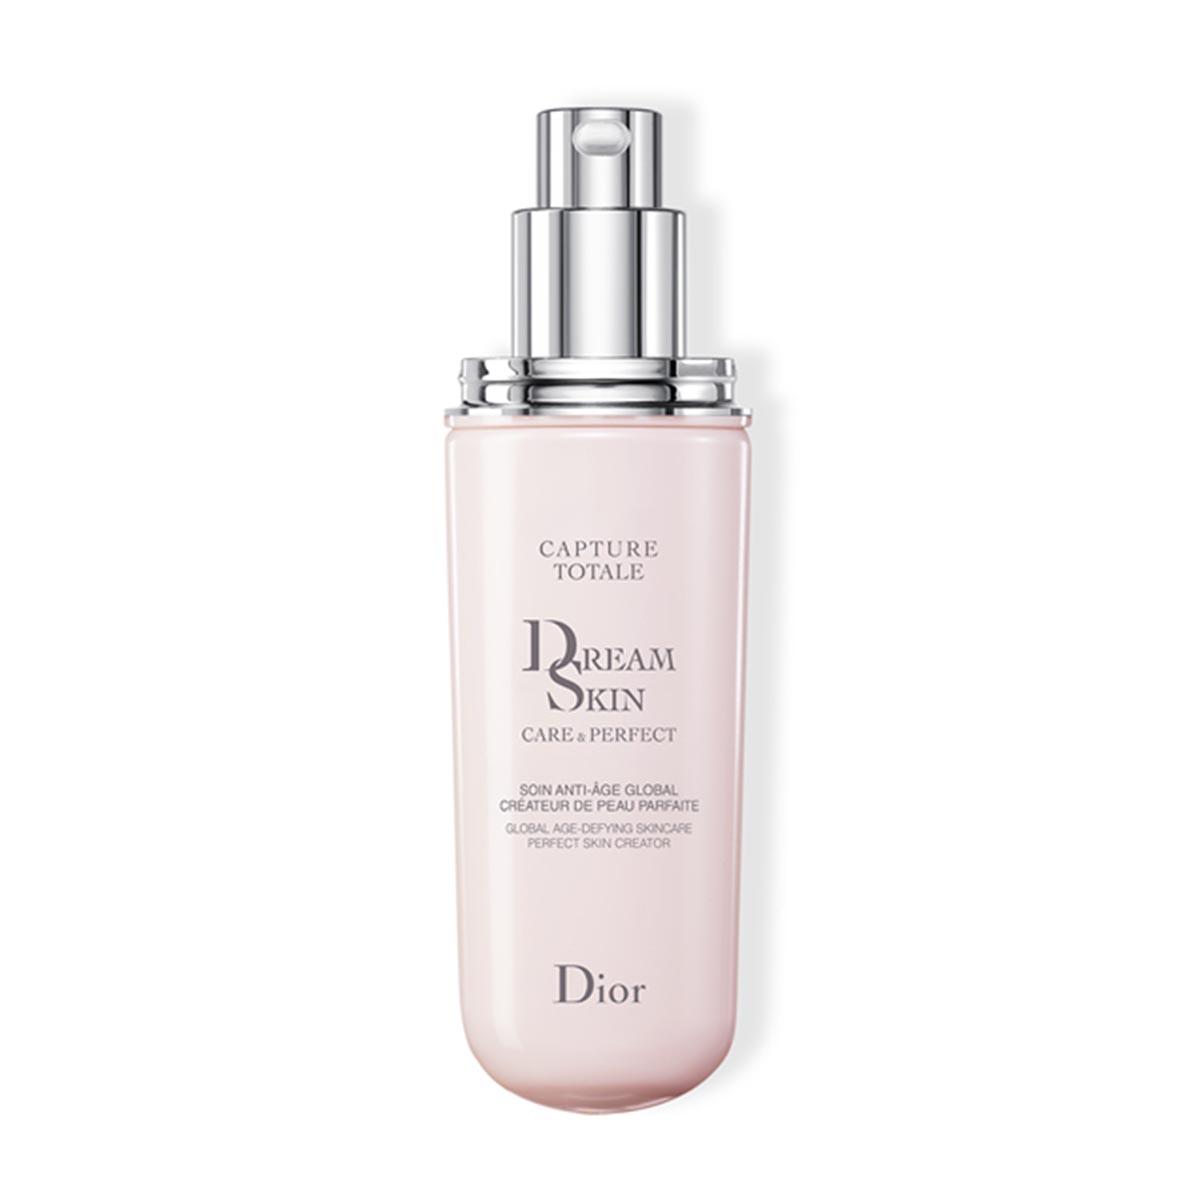 Dior diorskin care cream 50ml refill